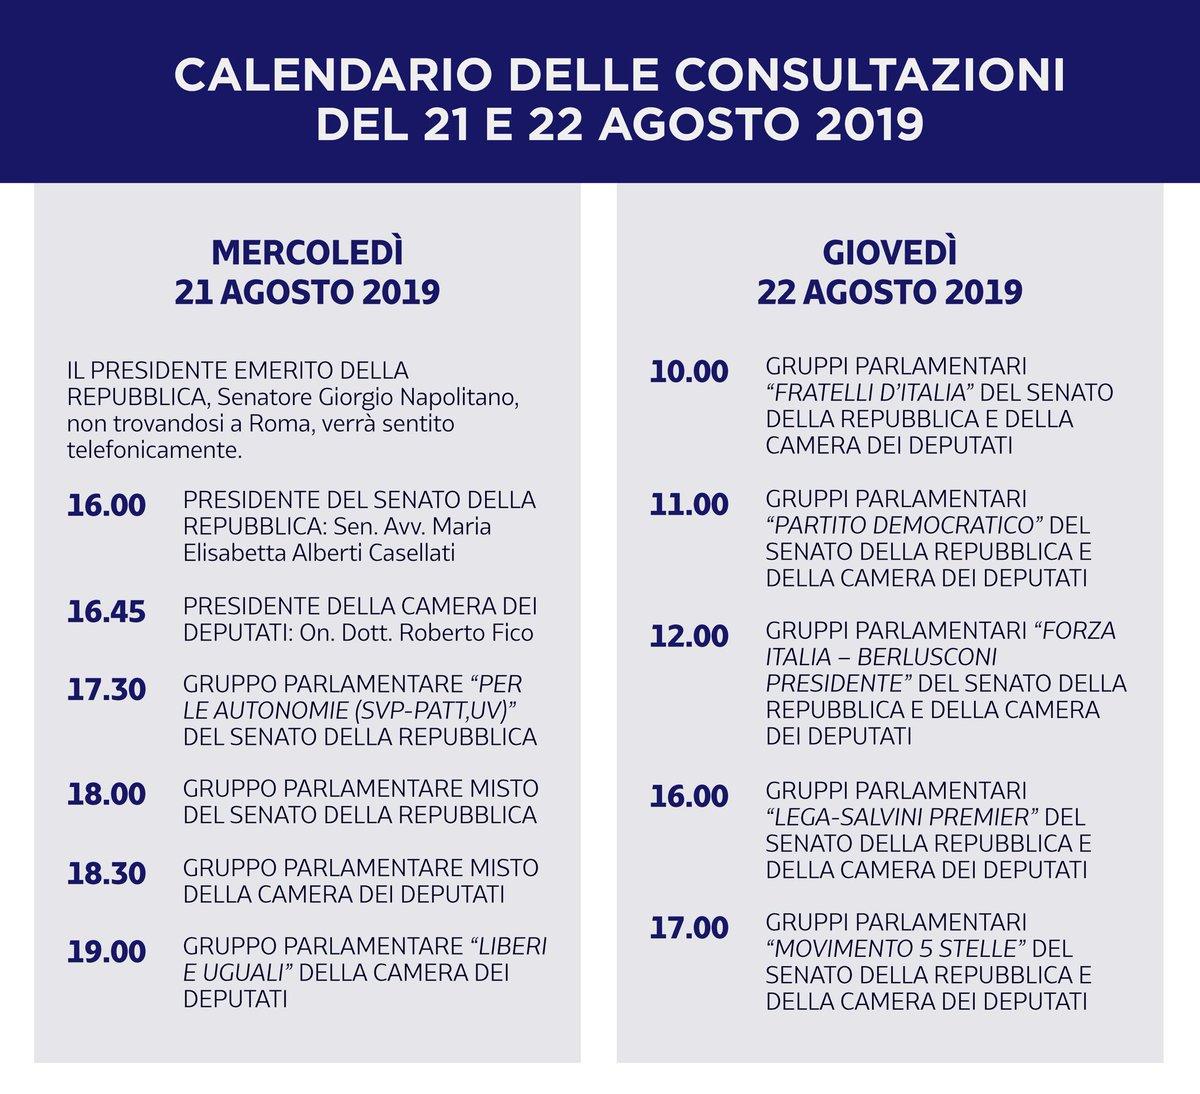 @Quirinale's photo on #consultazioni